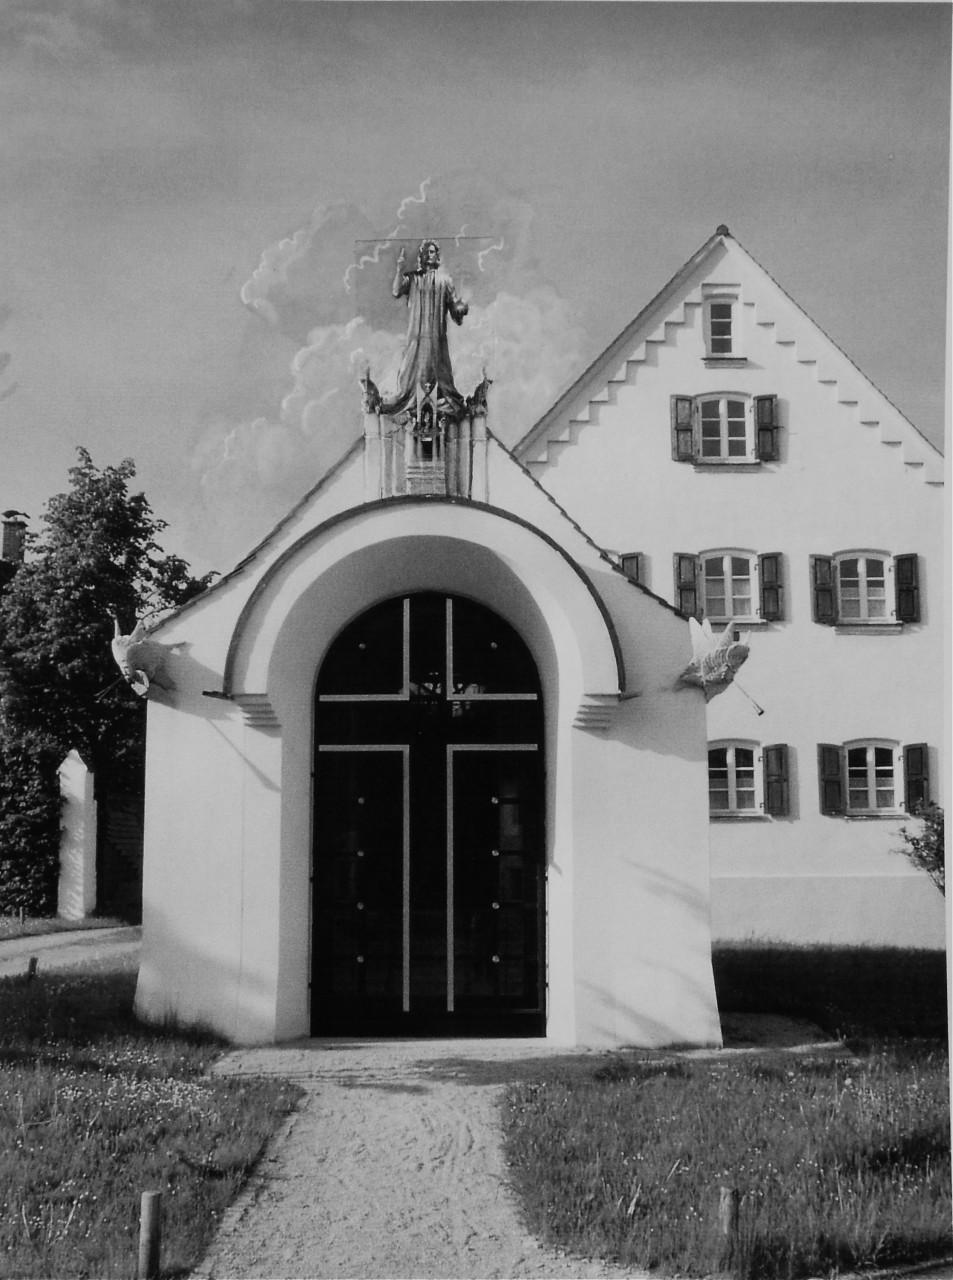 Die Christus Statue auf dem Giebel der Erlöserkapelle - Idealvorstellung